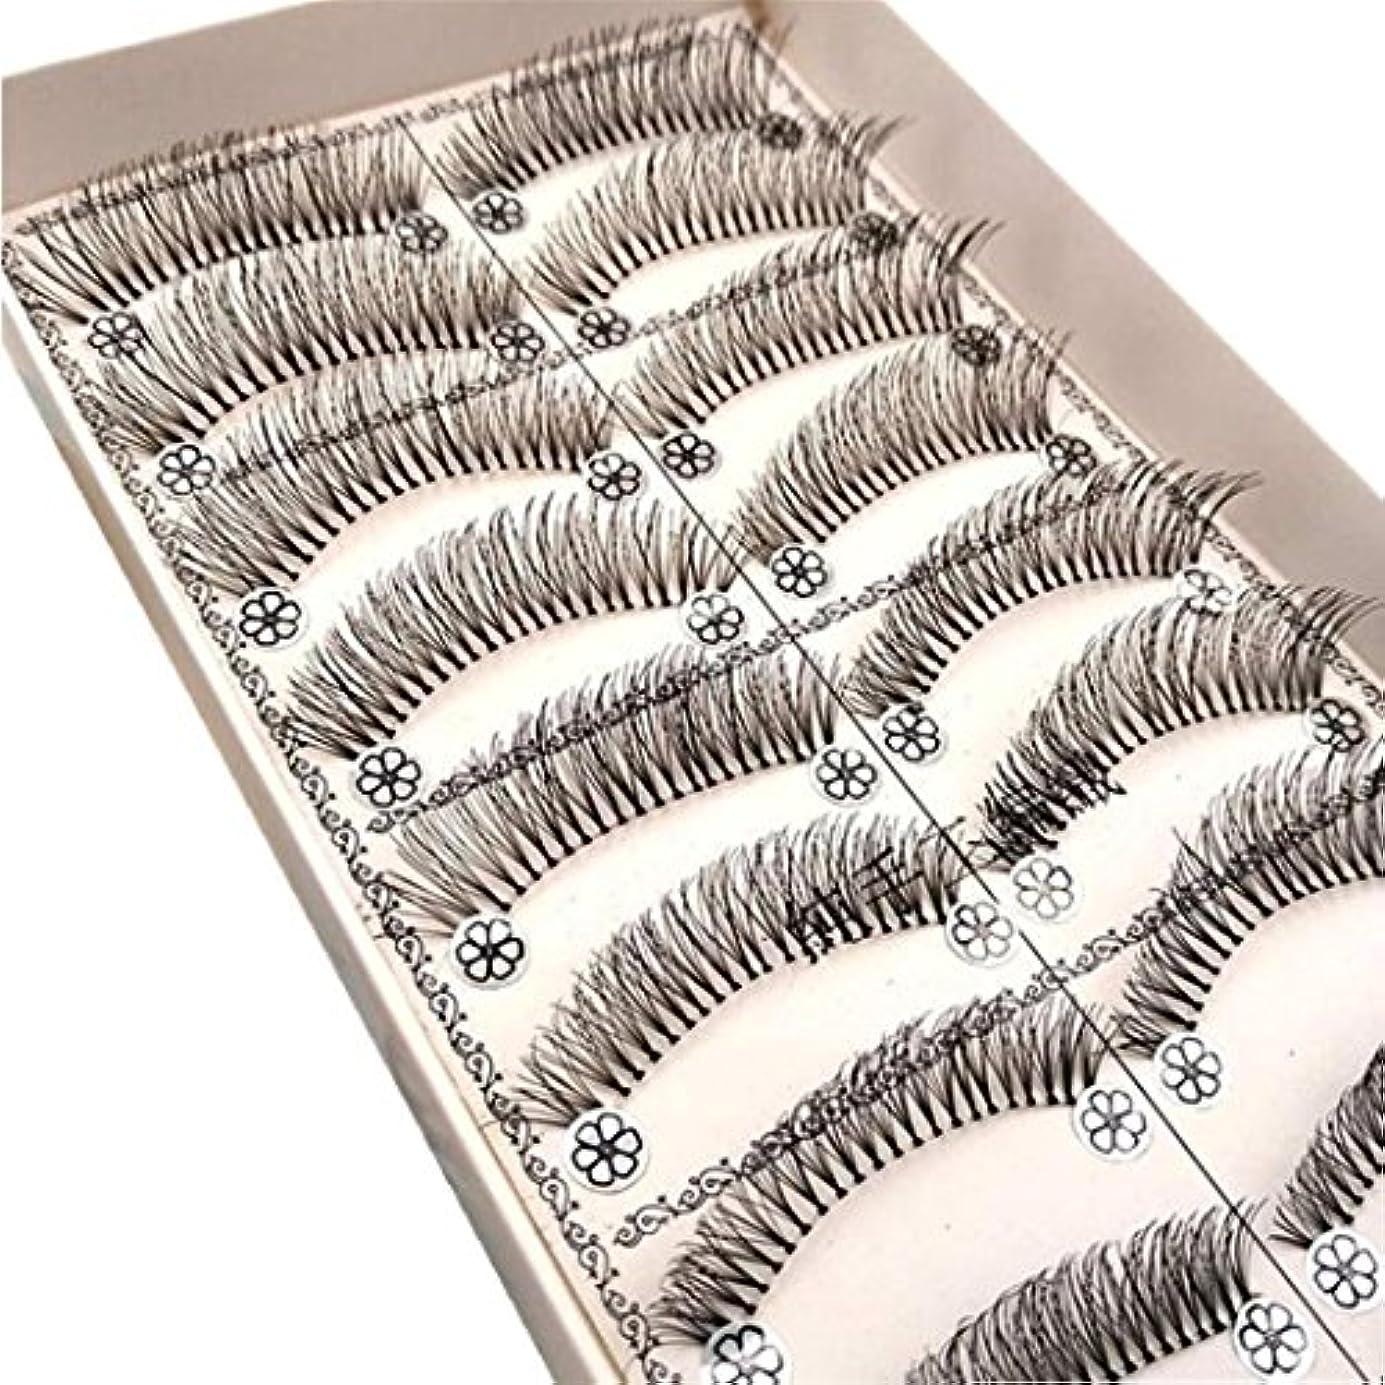 口述救出拮抗Feteso 10組 偽のまつげセット つけまつげ 上まつげ Eyelashes アイラッシュ ビューティー まつげエクステ レディース 化粧ツール アイメイクアップ 人気 ナチュラル 飾り 再利用可能 濃密 柔らかい